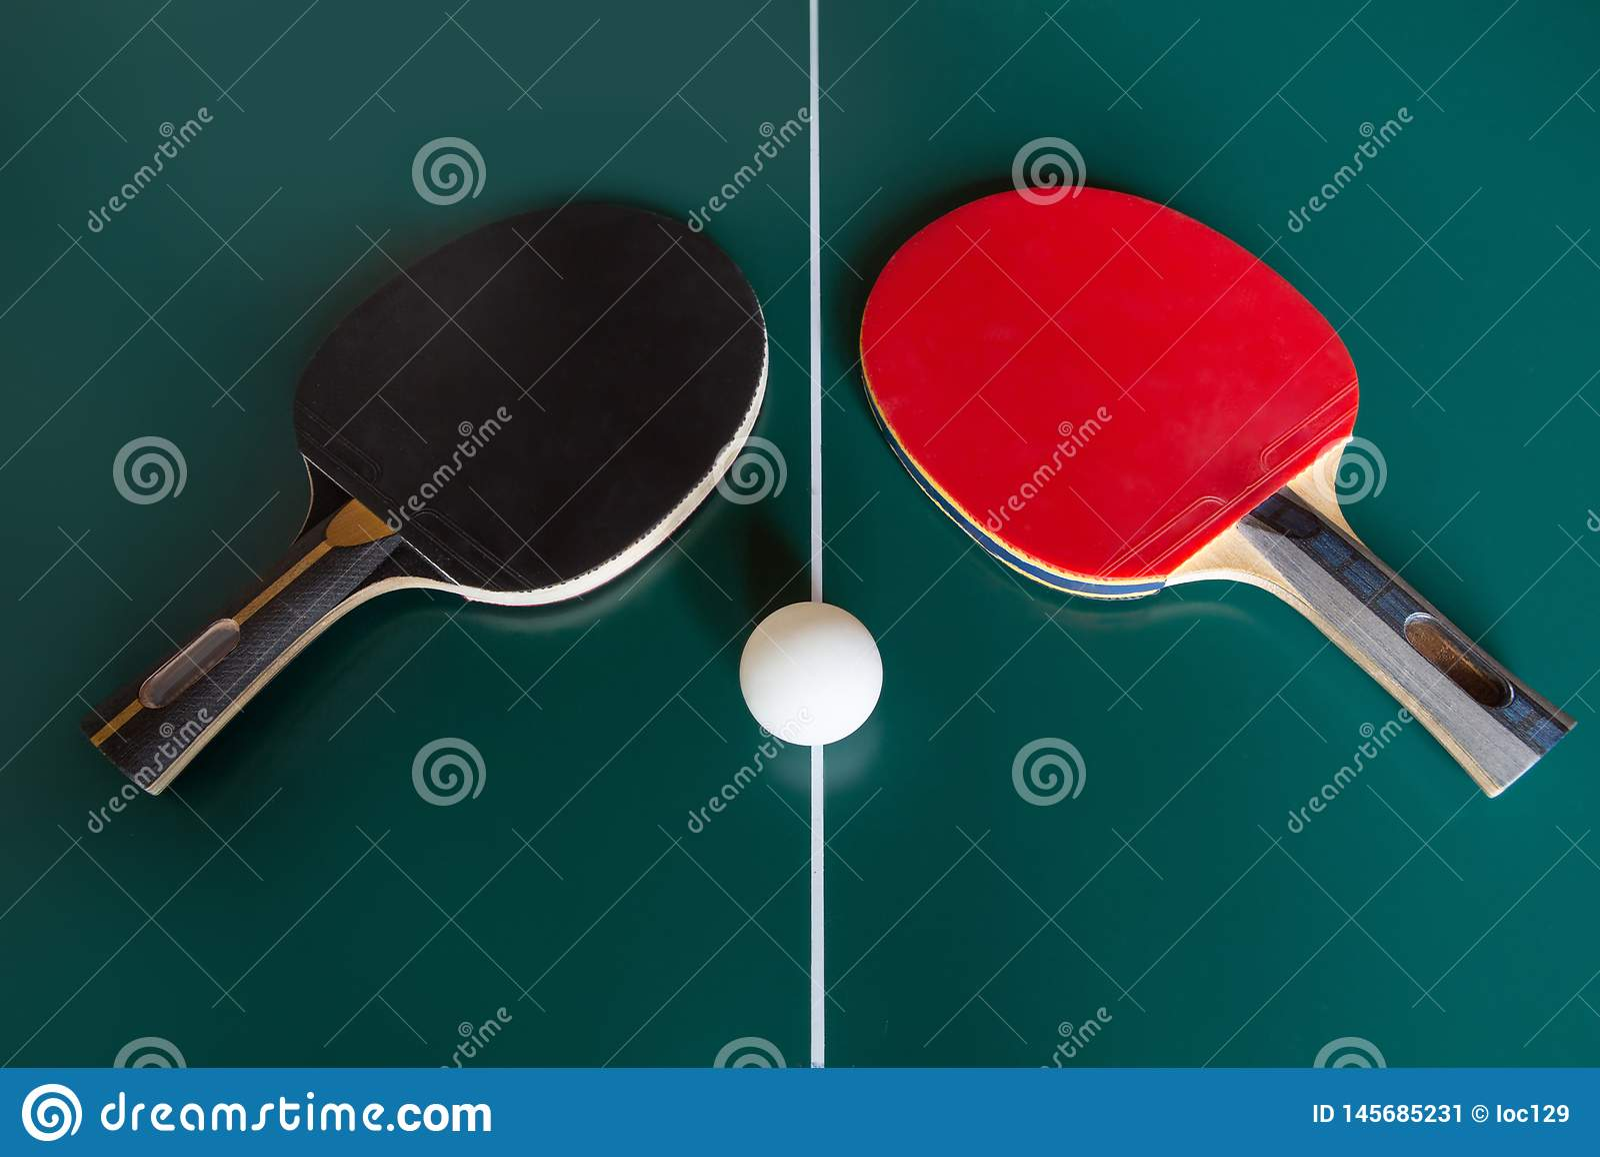 2 ракетки пингпонга и шарик на зеленой таблице